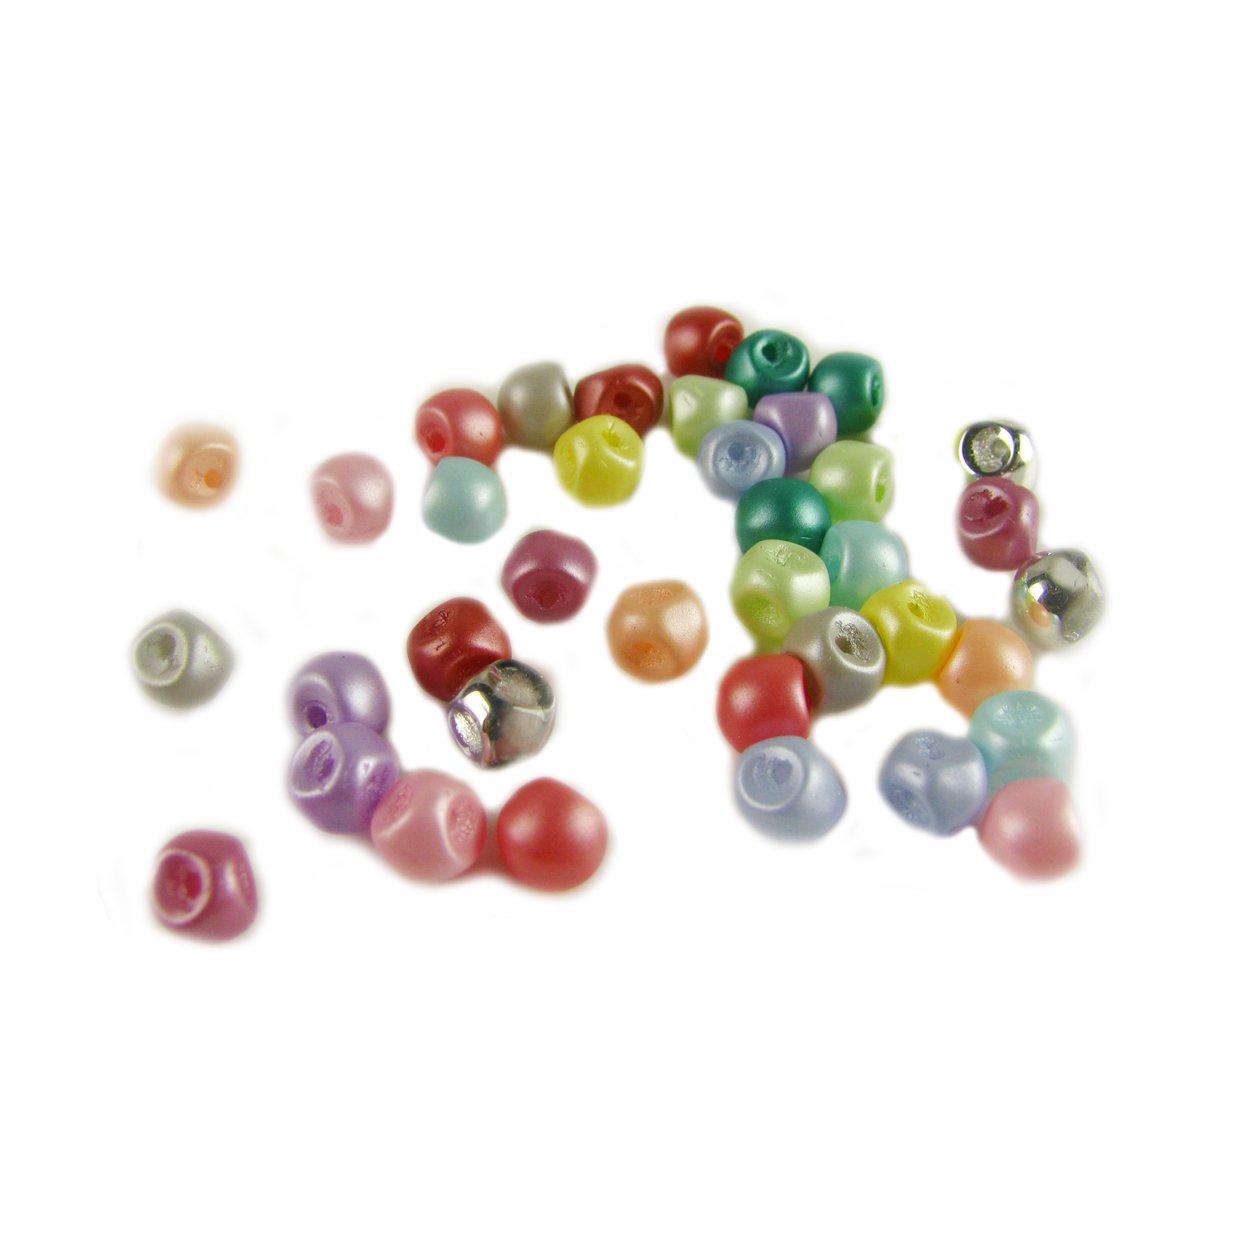 Mushroom Beads